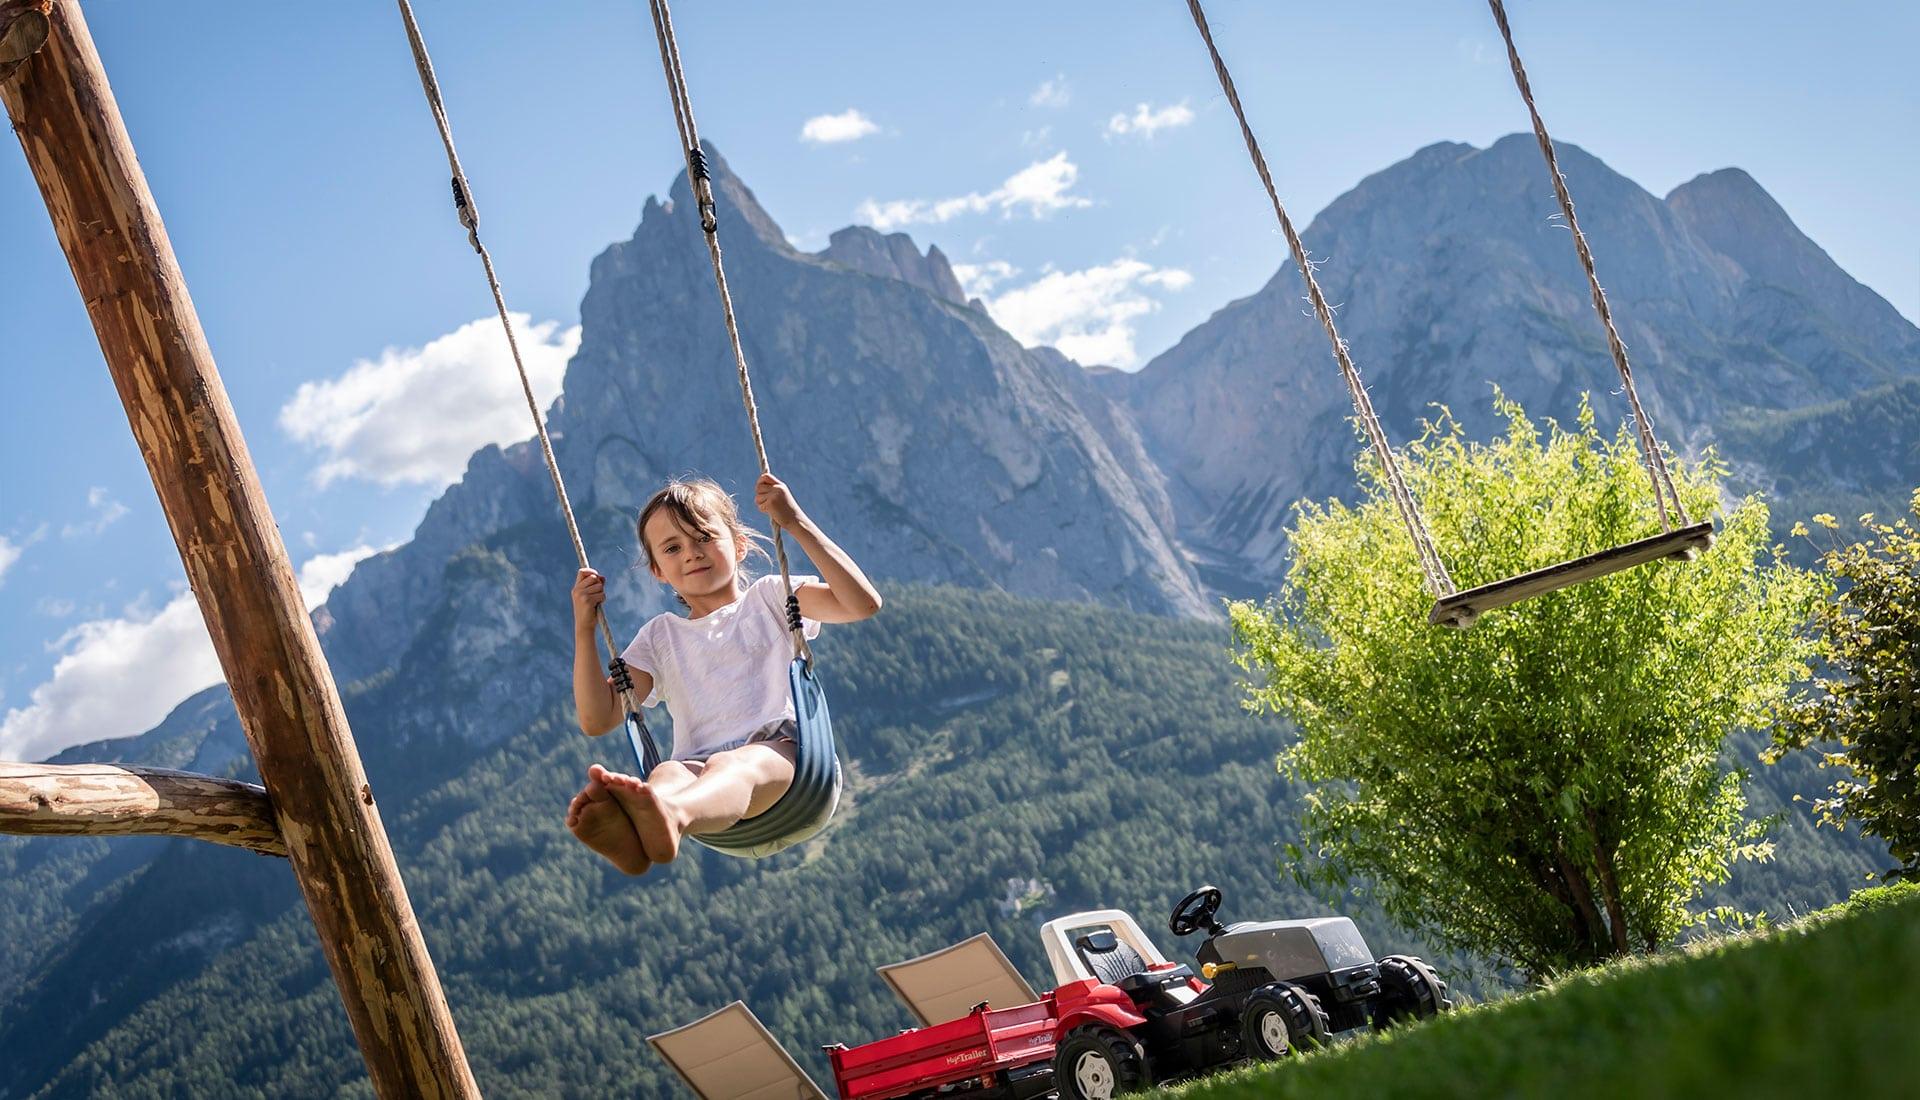 vacanza in famiglia a Castelrotto – Alto Adige